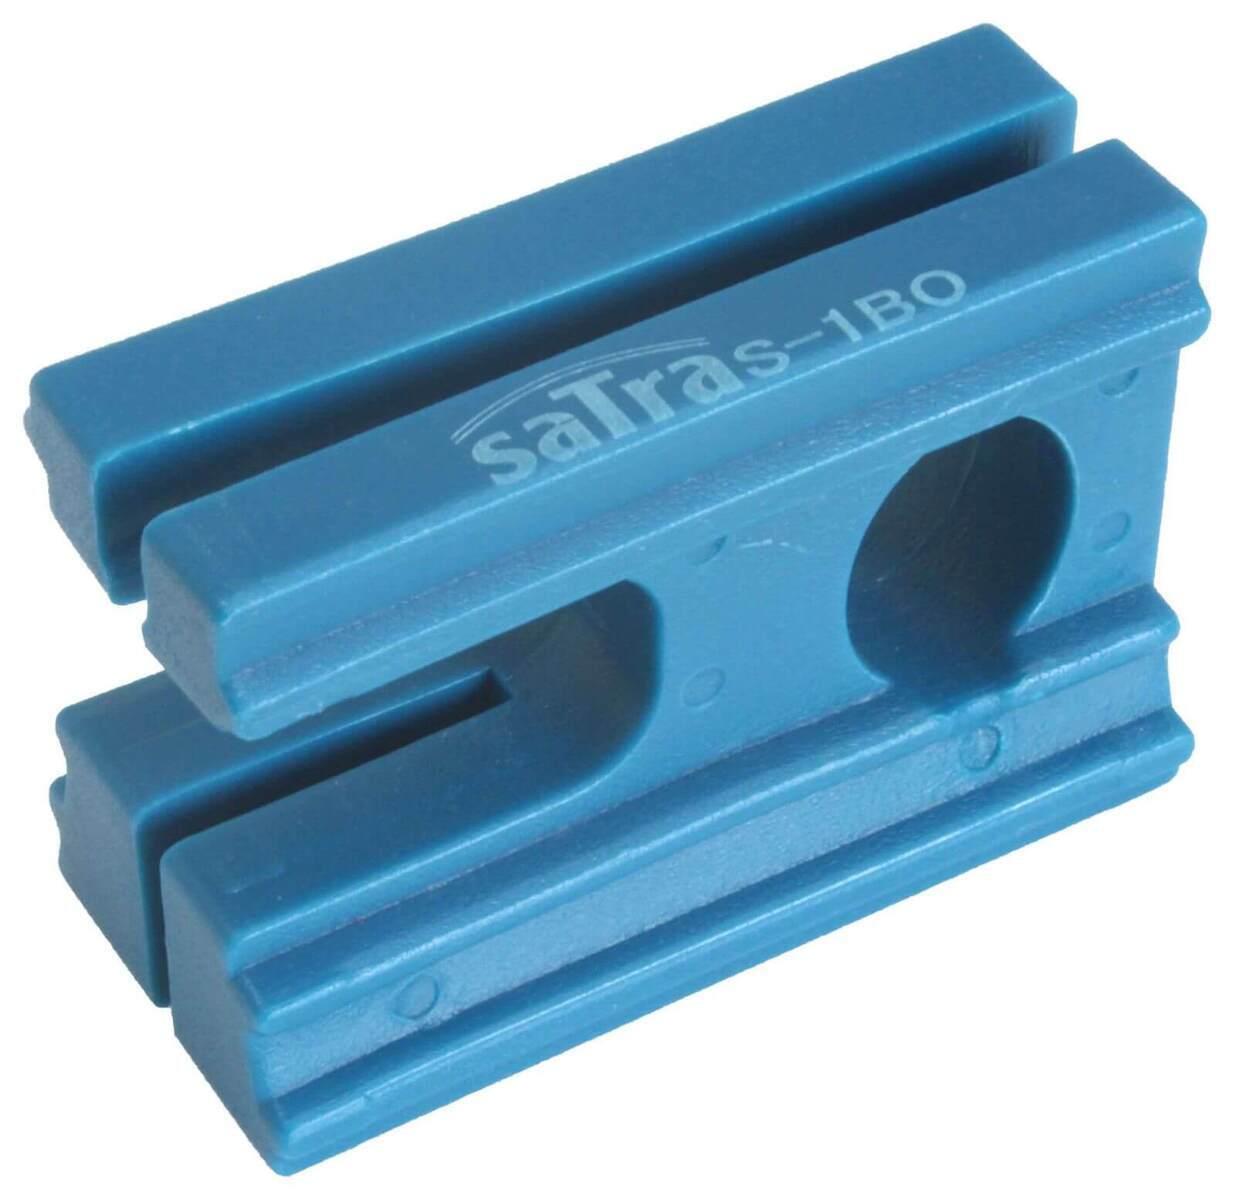 Aretace vačkové hřídele OPEL a SAAB 1.4, 1.6 a 1.8 litru benzín - SATRA